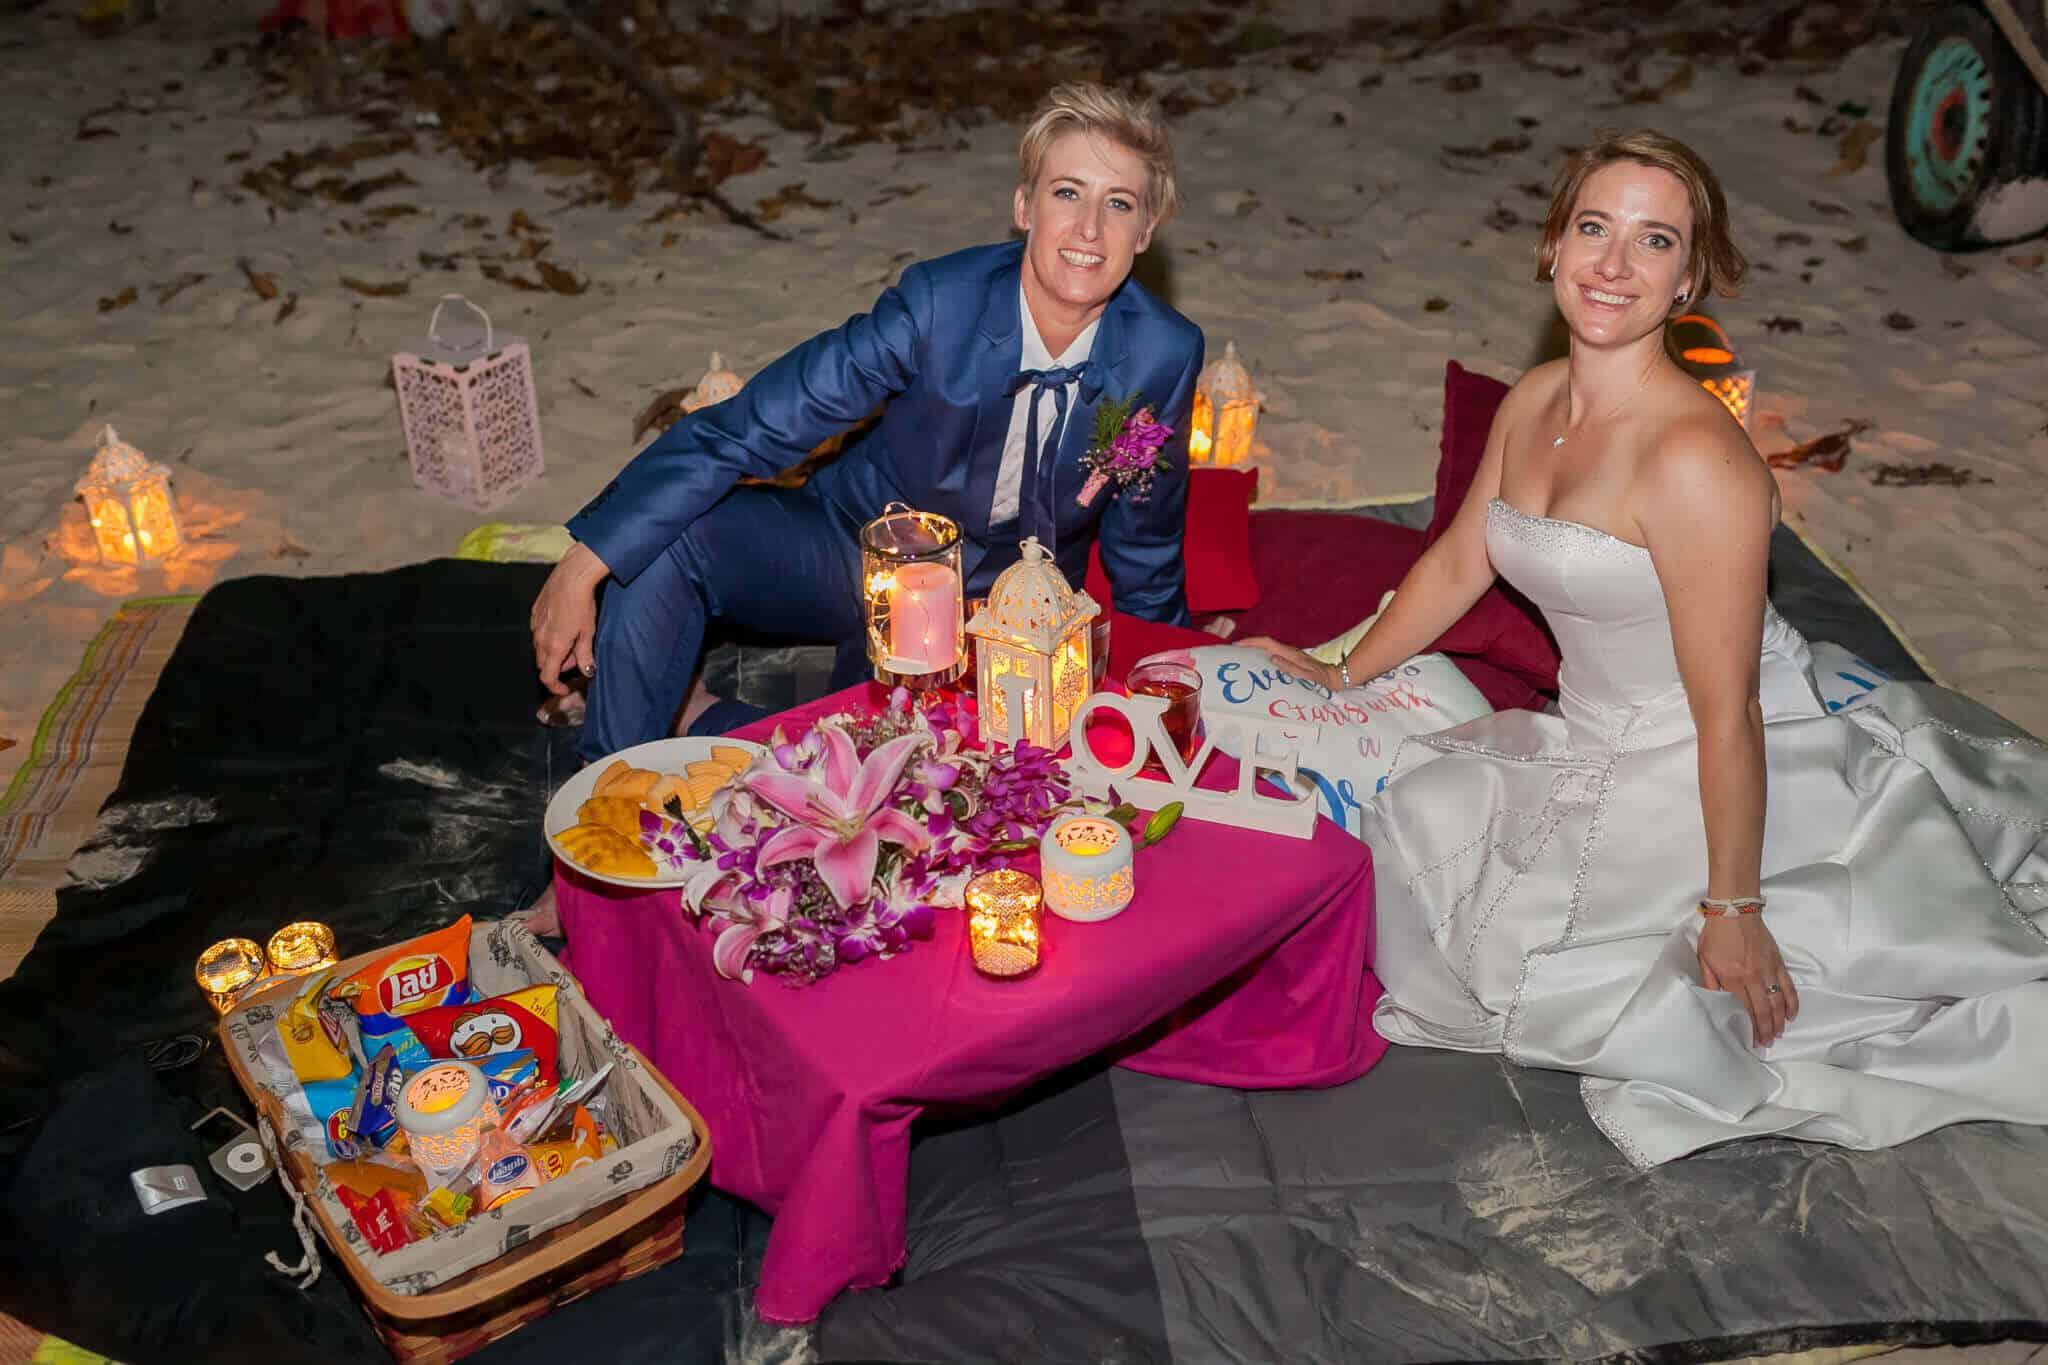 Phuket Beach Marriage Laura & Marie (11)